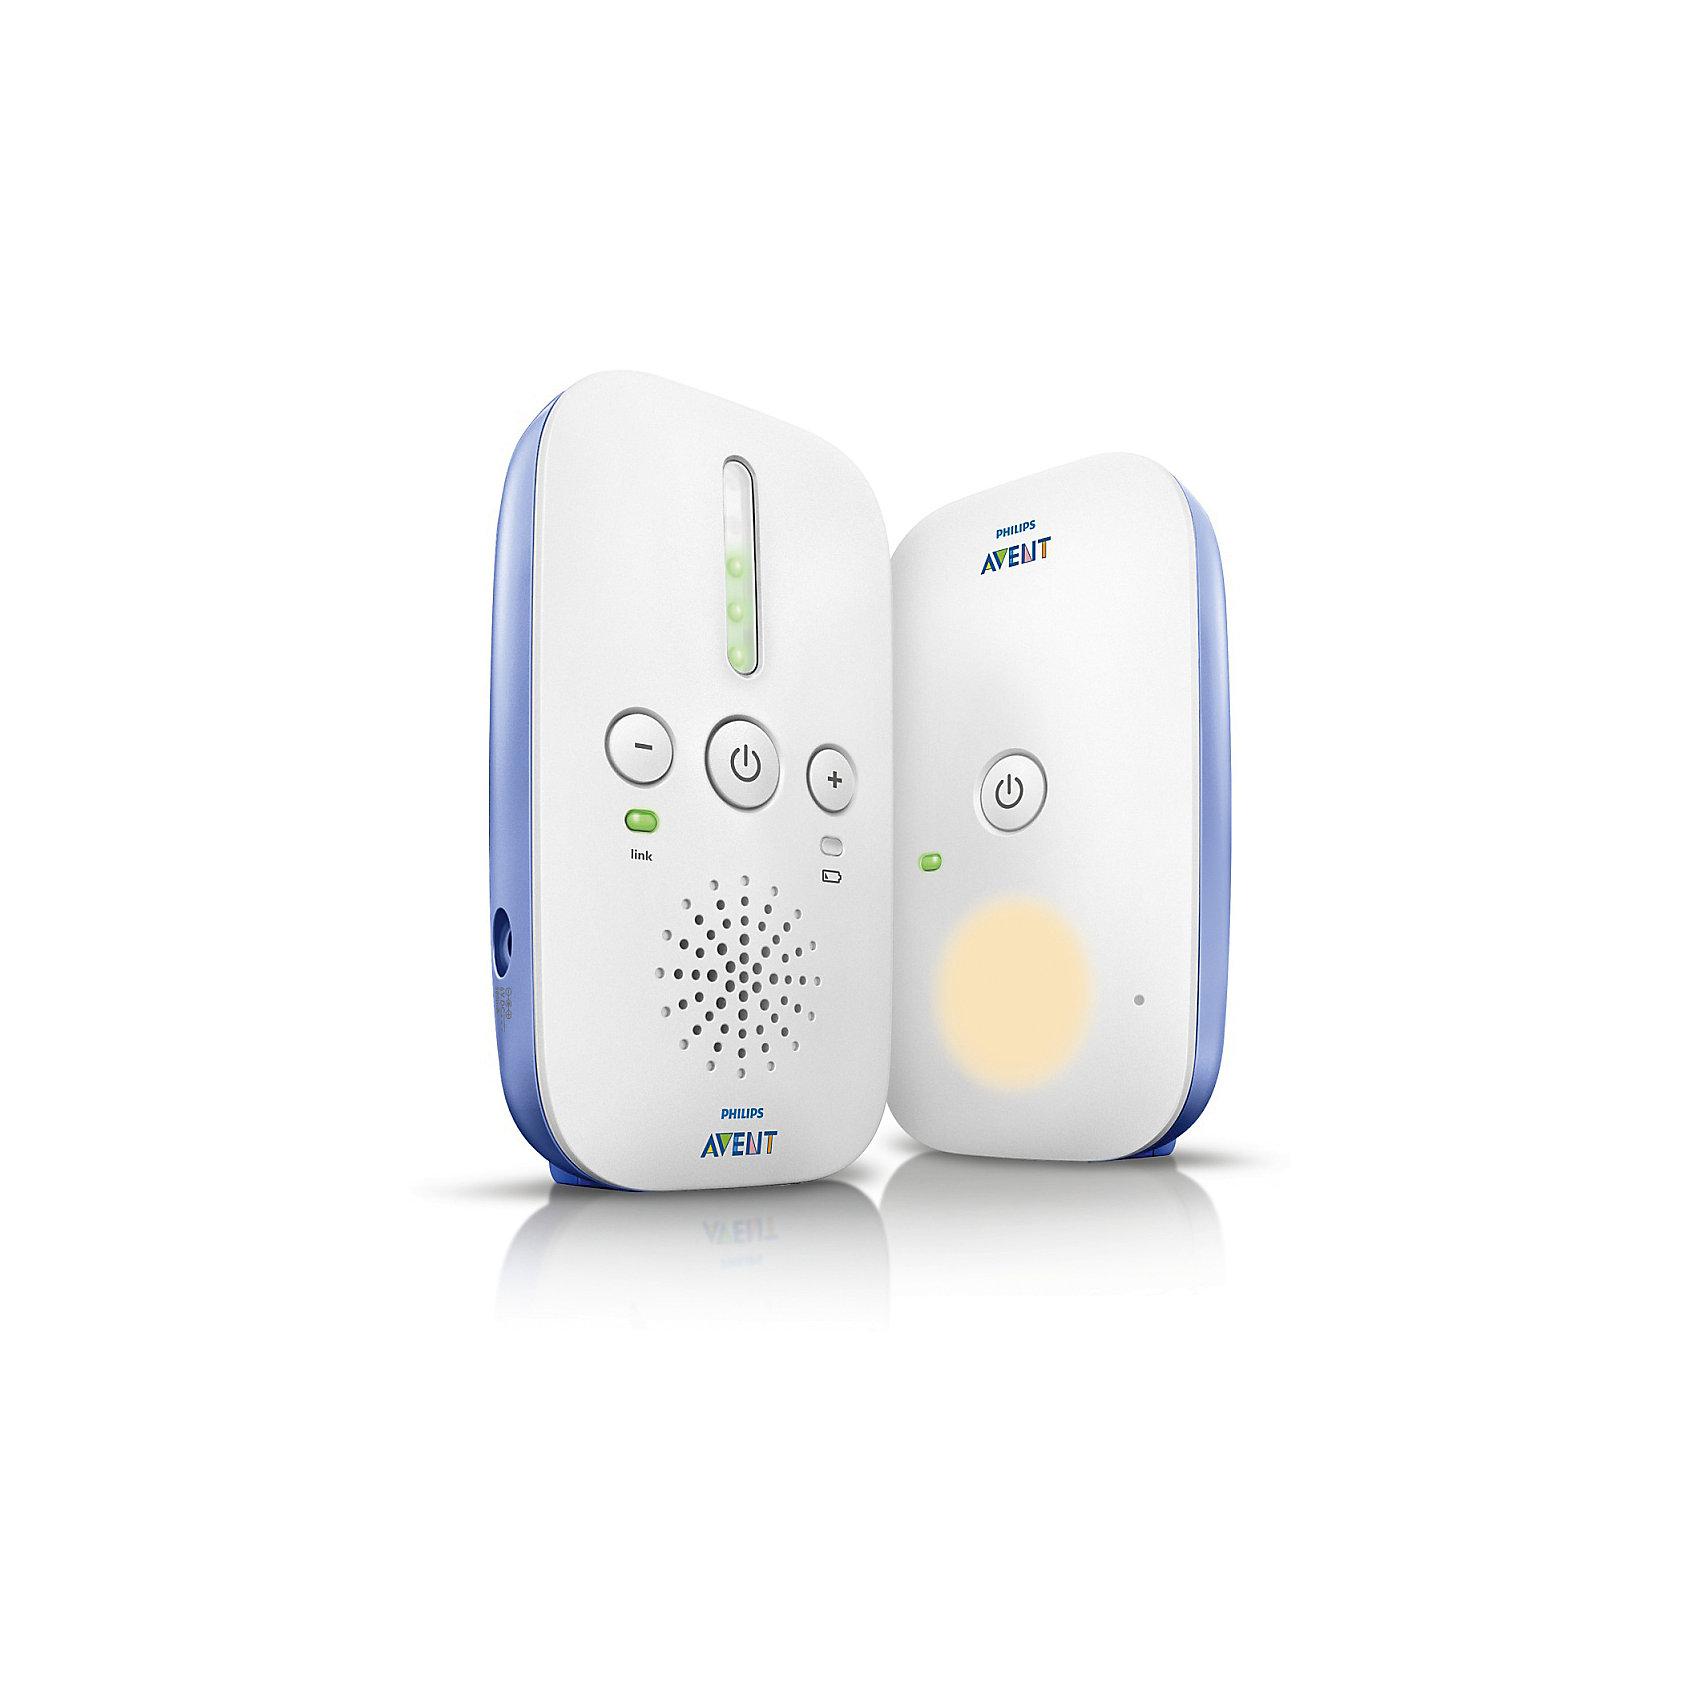 Радионяня SCD501/00, Philips AventДетская бытовая техника<br>Радионяня Philips AVENT SCD501/00 обеспечит полный комфорт и спокойствие вам и вашему малышу благодаря надежному абсолютно конфиденциальному соединению с технологией DECT и набору функций, которые помогут успокоить ребенка.          <br>                Родительский блок идеально работает при подключении к электросети. Для дополнительной свободы передвижения можно также установить элементы питания для беспроводного использования родительского блока. Можно использовать две обычных щелочных батареи R6 1,5 В типа AA или два аккумулятора R6 1,2 В типа AA. <br>           Если малыш не может успокоиться перед сном, включите ночник, и приглушенный свет поможет ребенку заснуть быстрее. <br>            Рабочий диапазон в помещении — до 50 метров, вне помещения — до 300 метров .<br><br>Ширина мм: 220<br>Глубина мм: 57<br>Высота мм: 156<br>Вес г: 435<br>Возраст от месяцев: -2147483648<br>Возраст до месяцев: 2147483647<br>Пол: Унисекс<br>Возраст: Детский<br>SKU: 6853667